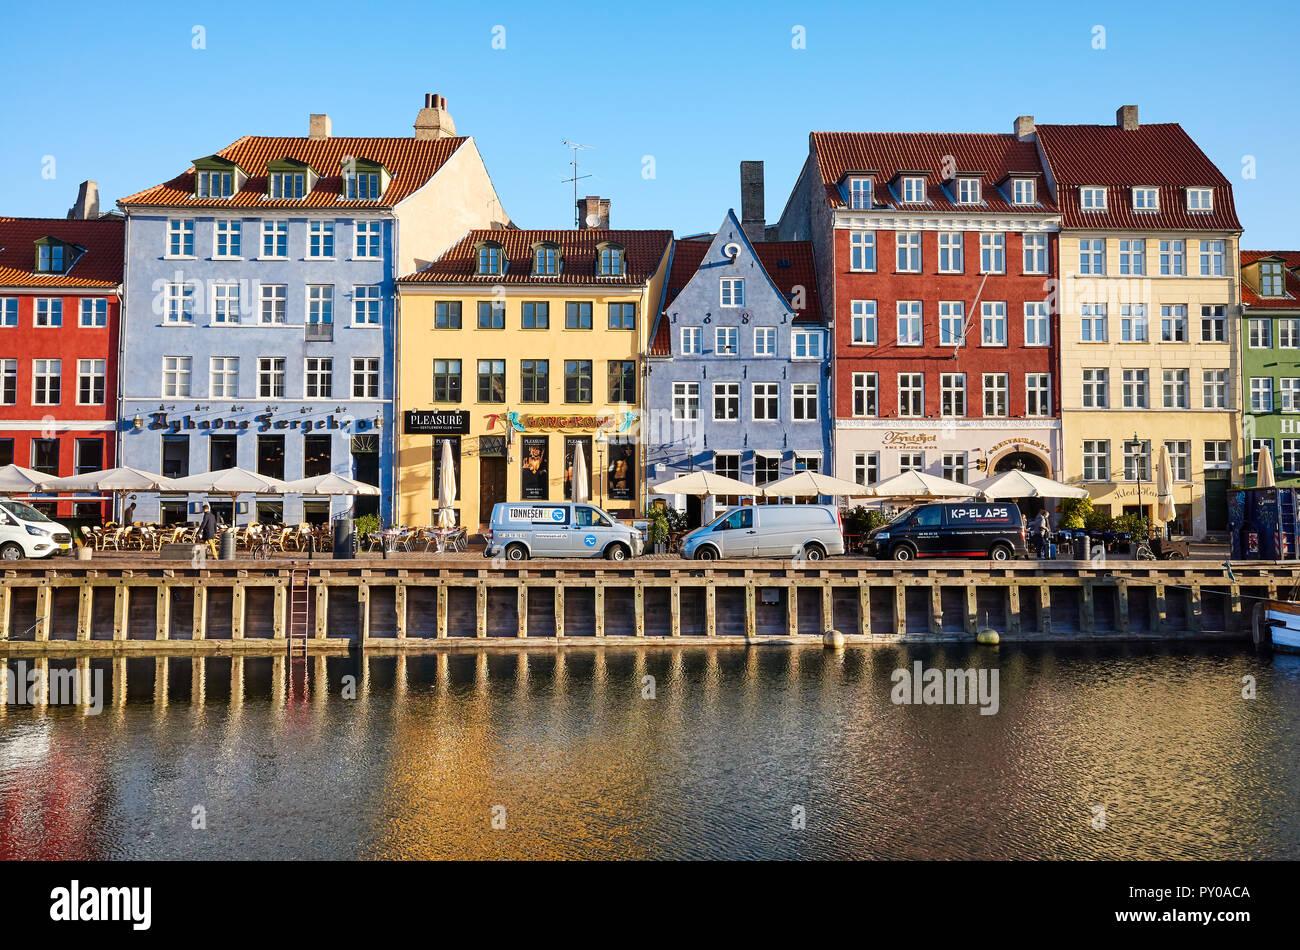 Copenhague, Dinamarca - 22 de octubre de 2018: vista frontal de Nyhavn, la 17th-century famoso Waterfront, el canal y el distrito de entretenimiento en el centro de la ciudad. Foto de stock